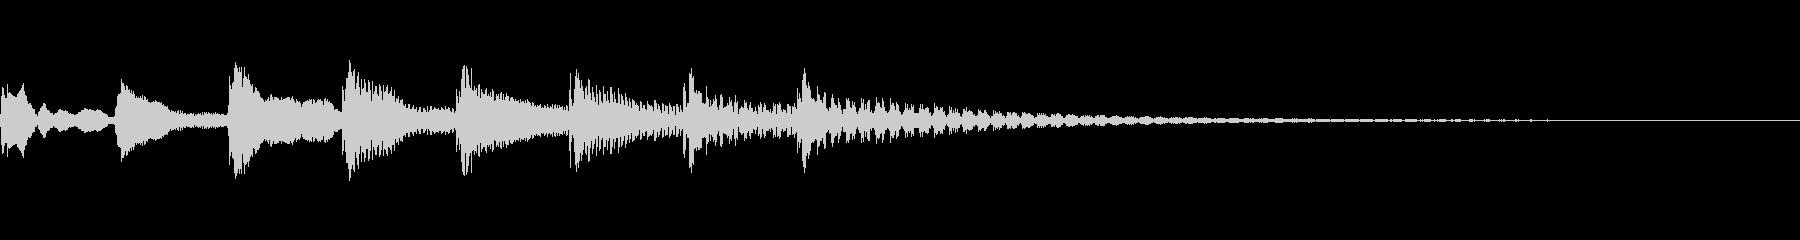 ピロパロティロリロンというジングルの未再生の波形